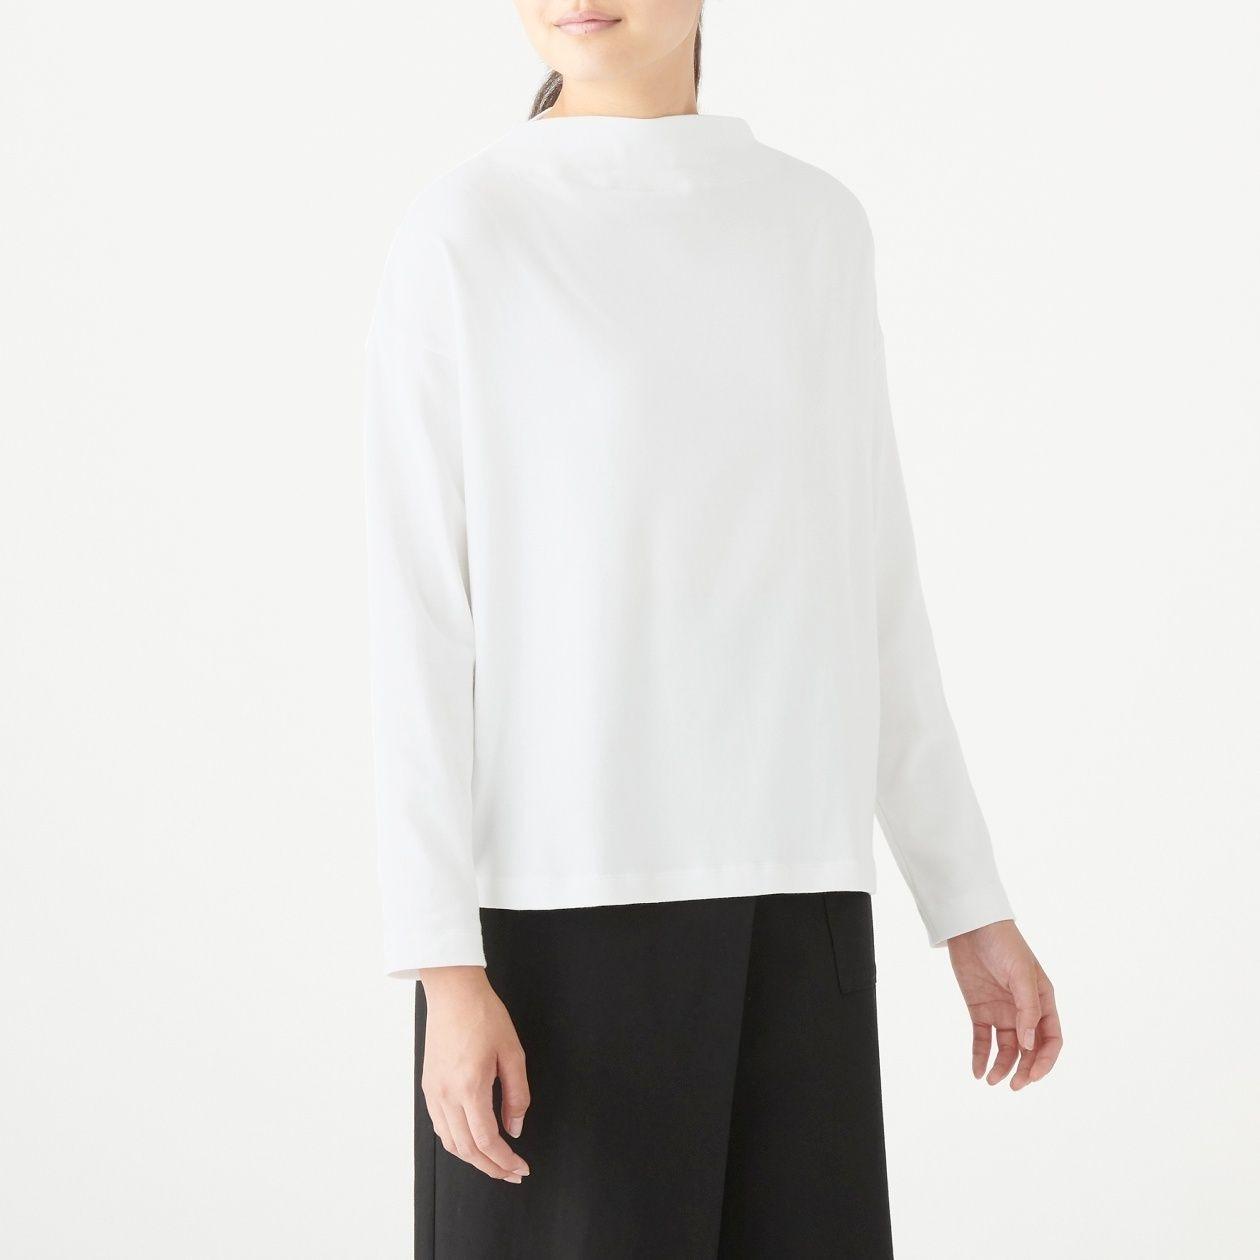 ストレッチフライス編みモックネックTシャツ